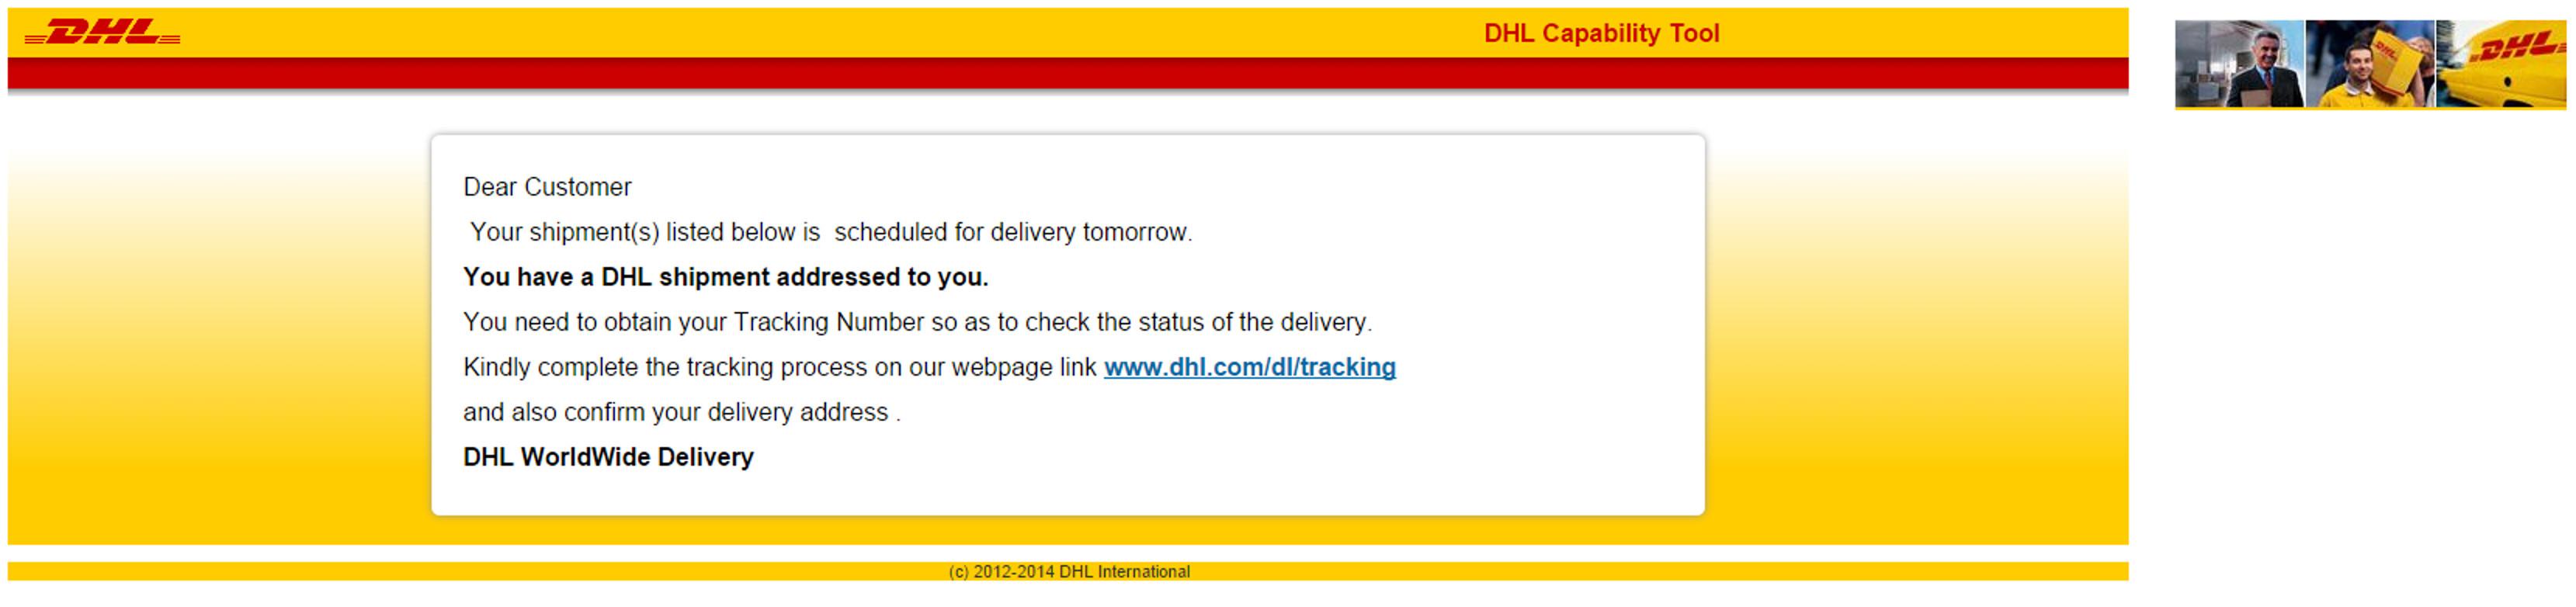 MailShark Fake DHL shipment delivers malware